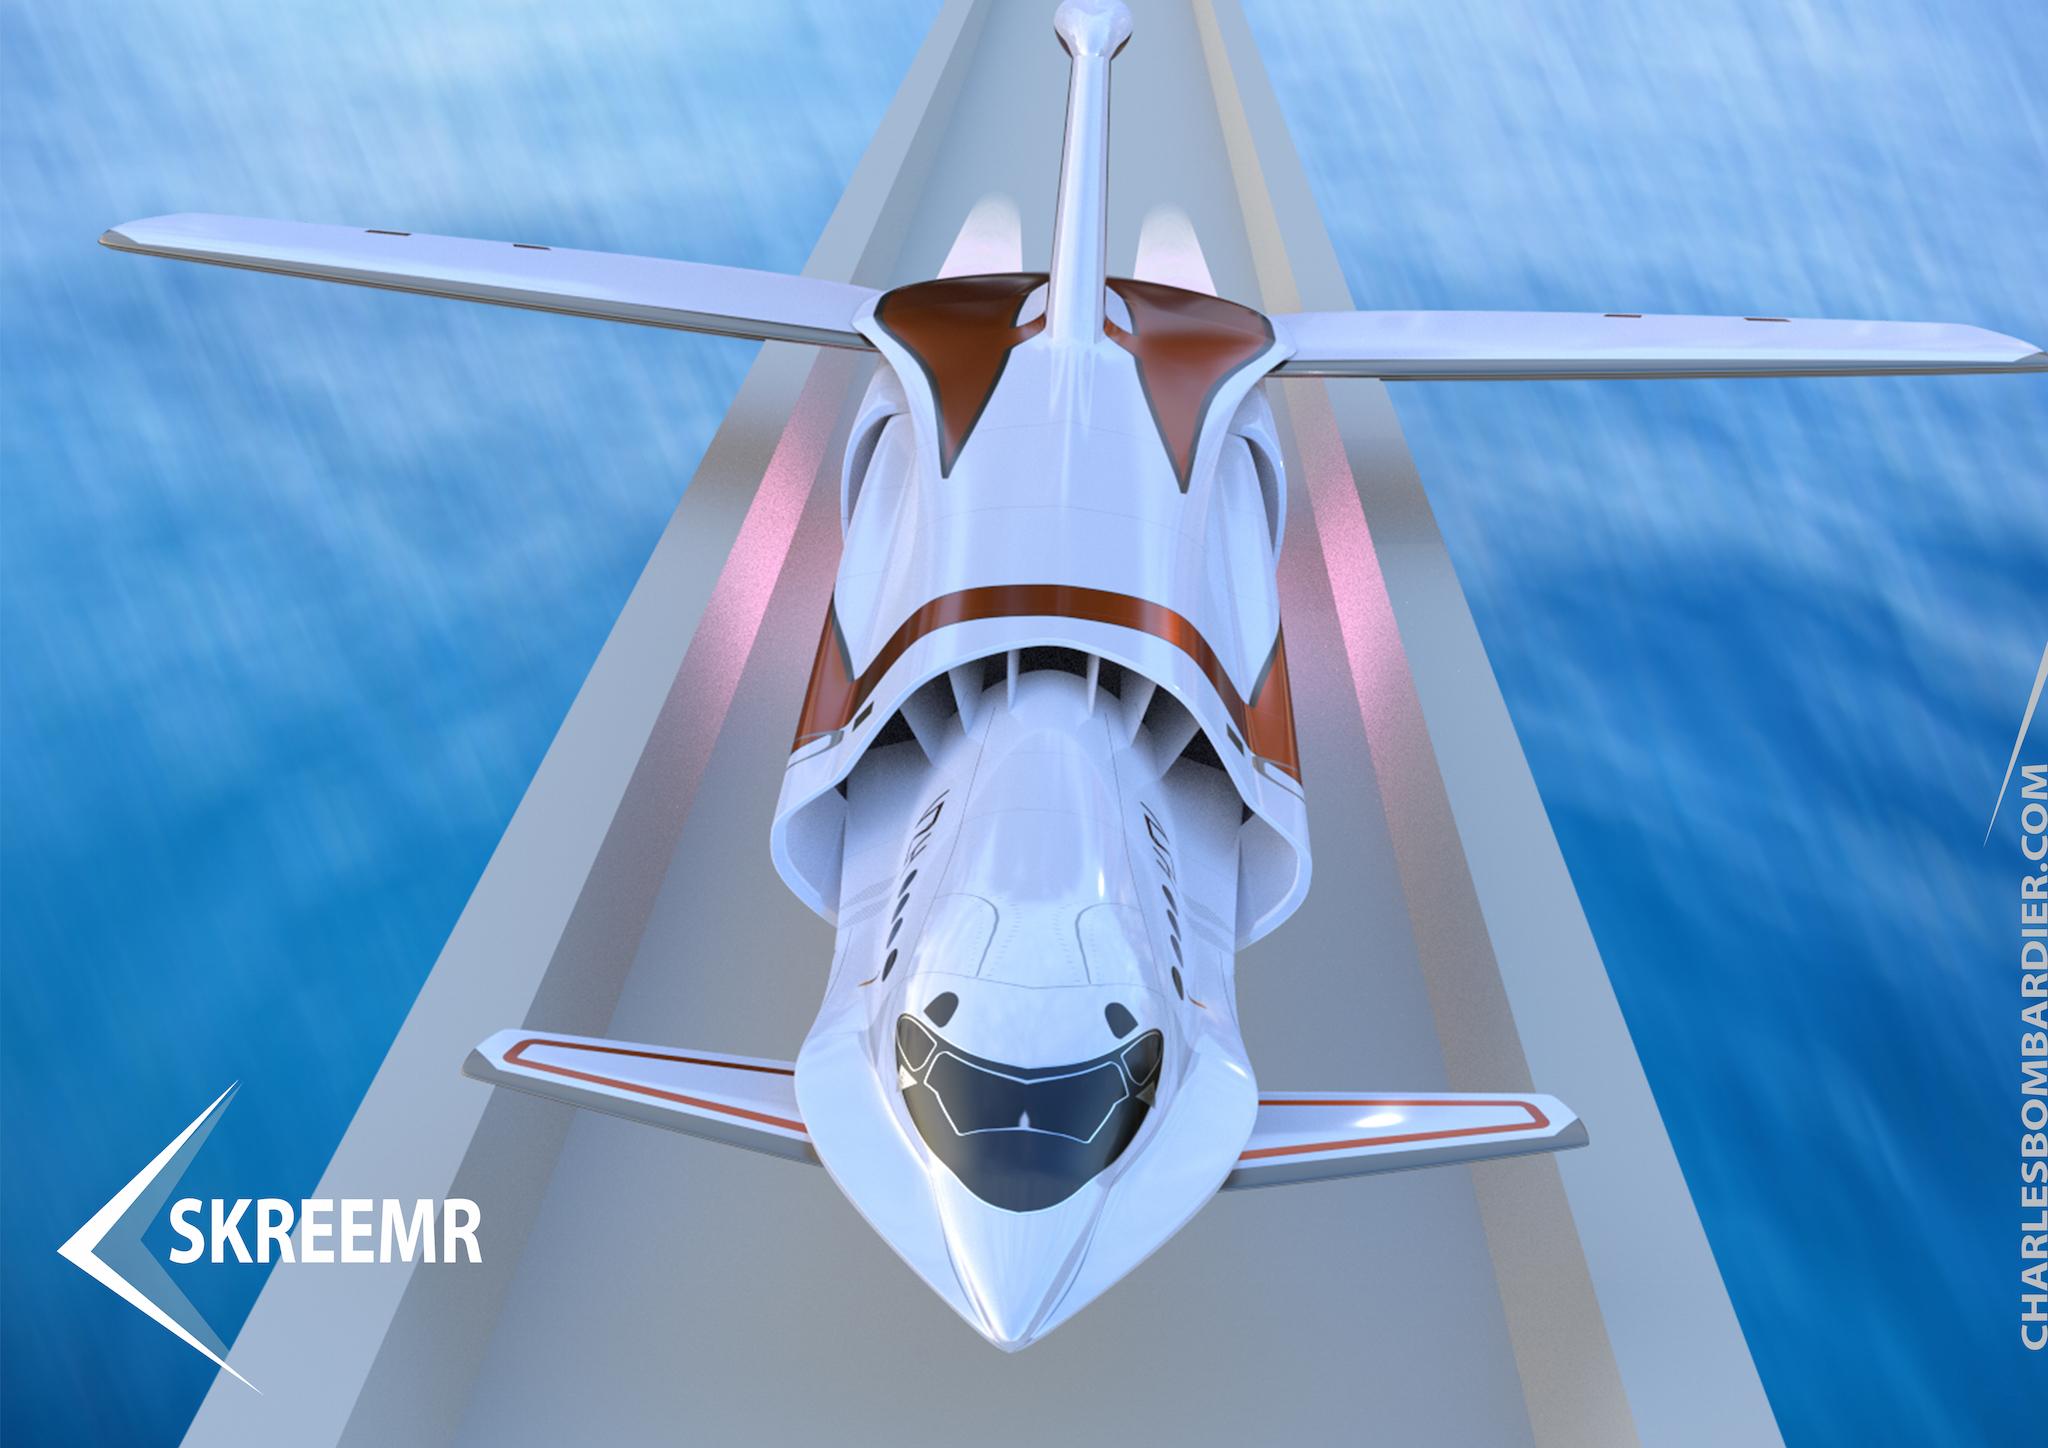 Ipad-Skreemr-2